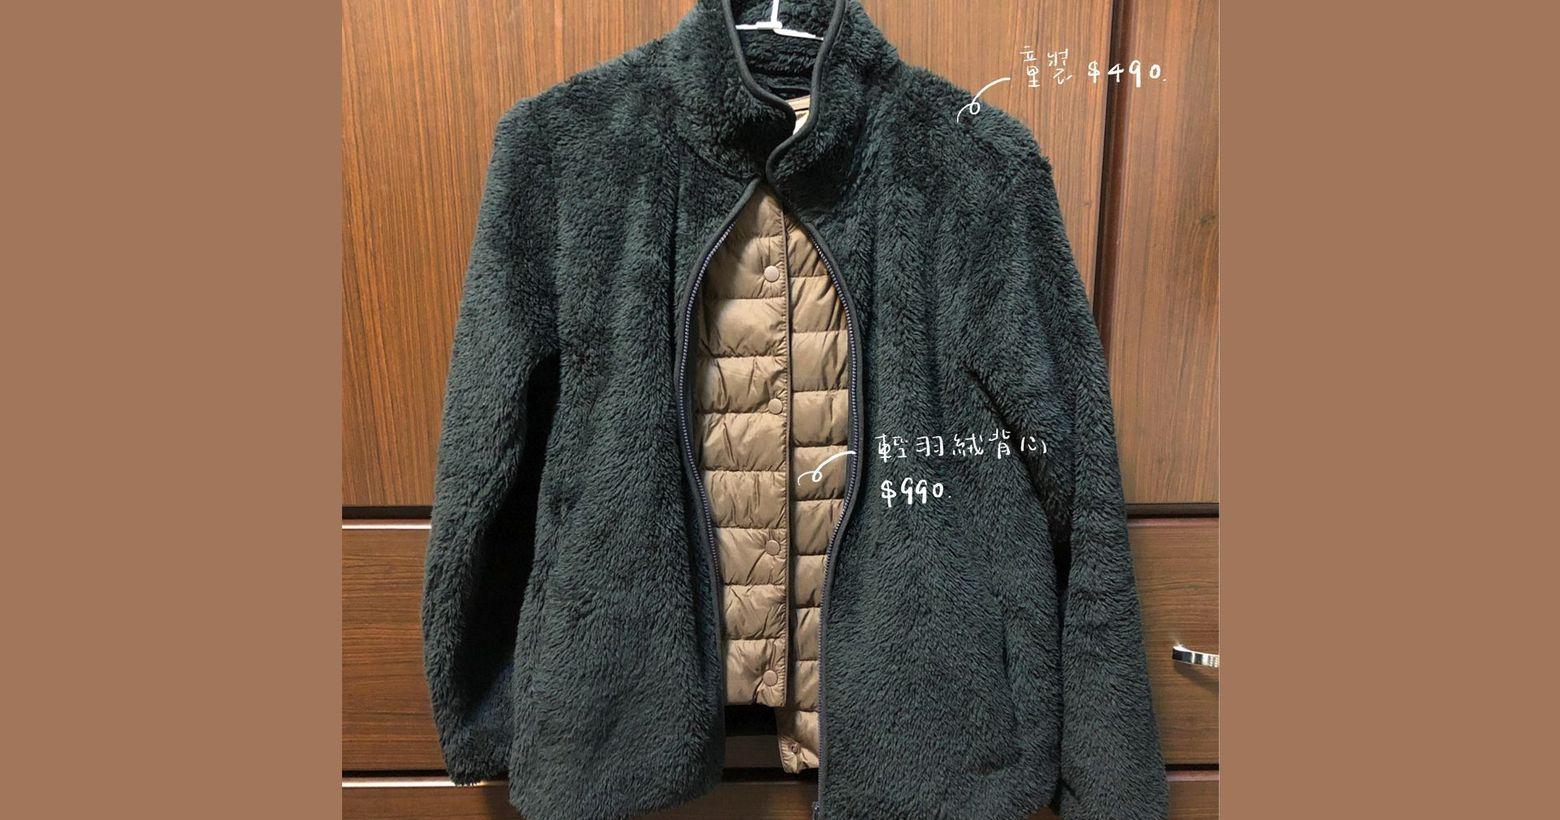 【購物】UNIQLO 冬季保暖好物直到今年和男友借了他的輕羽絨背心穿了幾天,才發現原來羽絨背心是如此